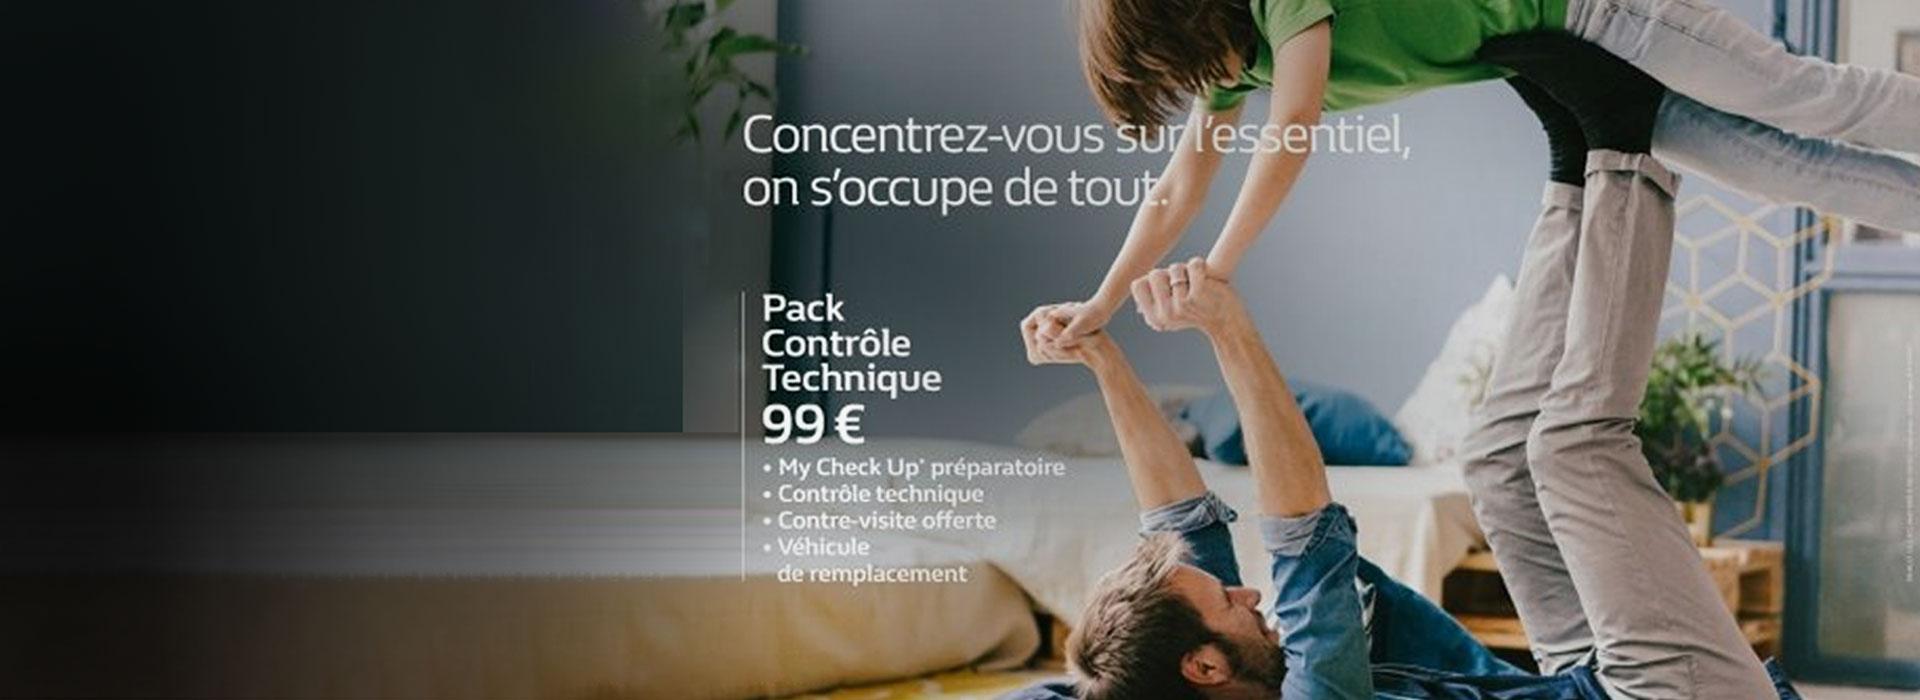 renault arras concessionnaire garage pas de calais 62. Black Bedroom Furniture Sets. Home Design Ideas